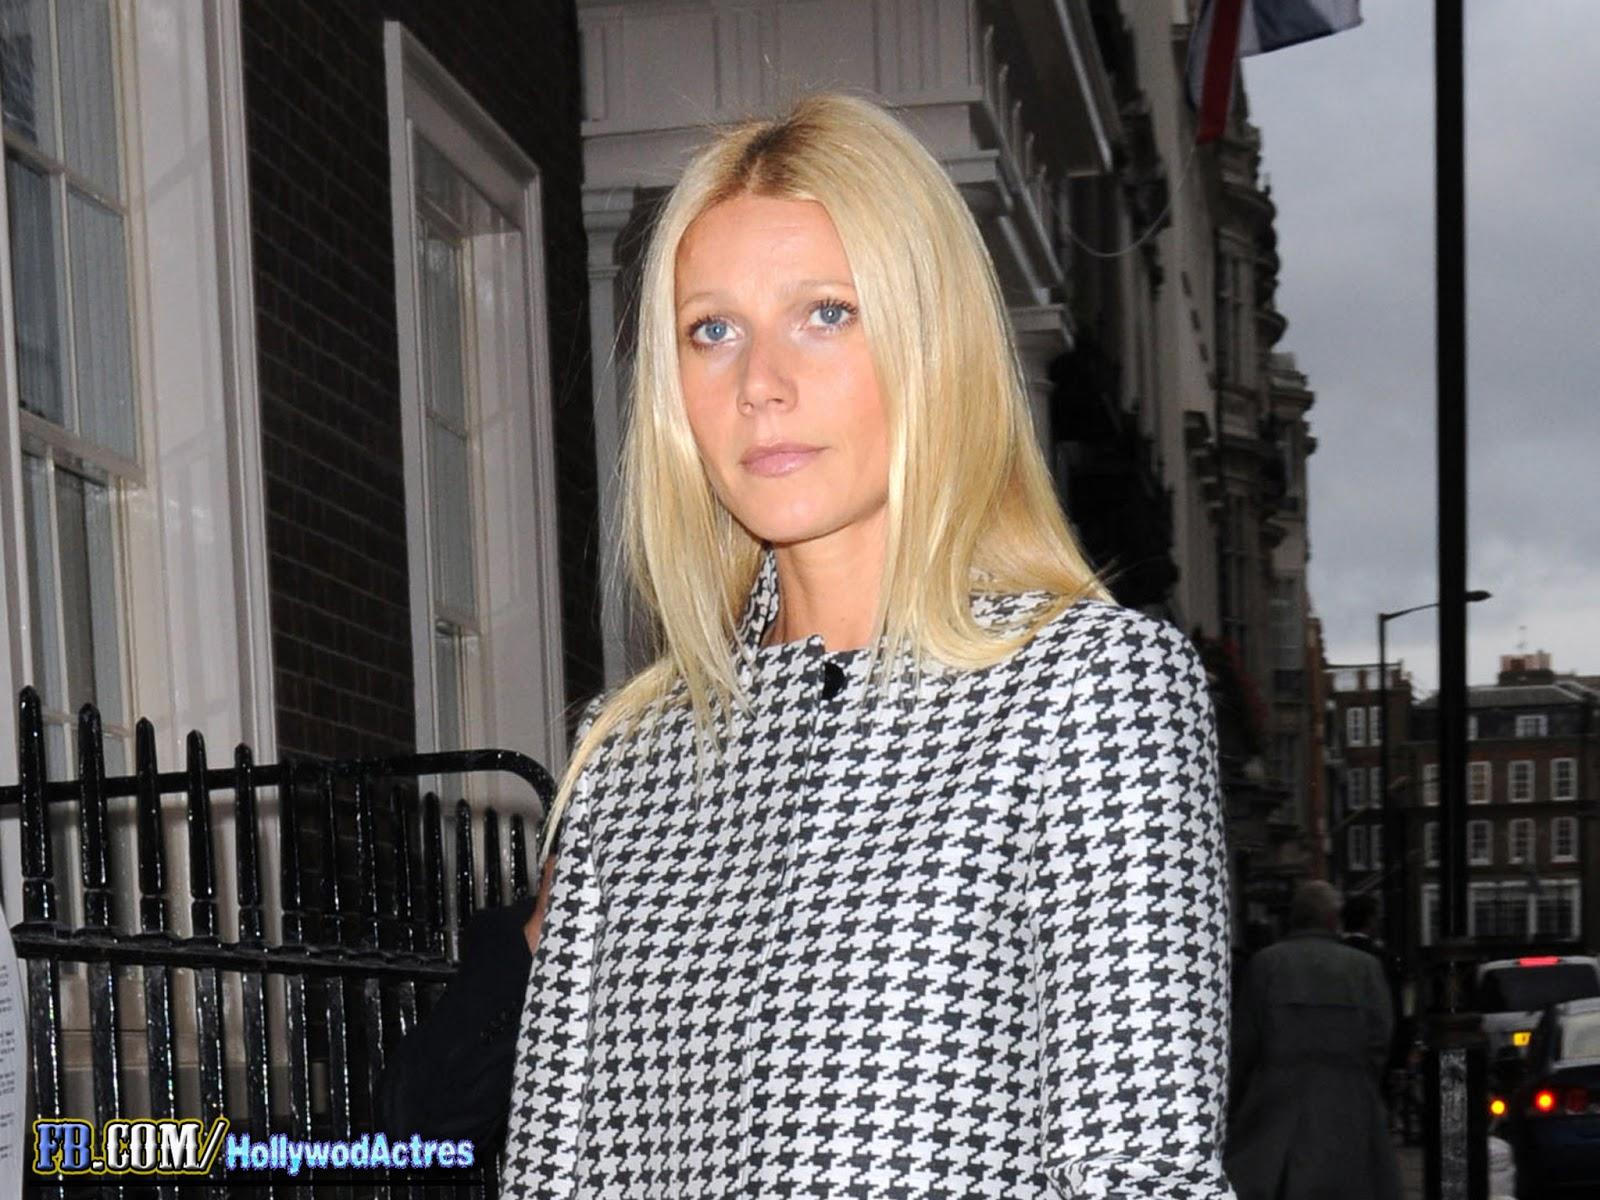 http://2.bp.blogspot.com/-AlXK5zzt4uU/URQBwYcJDVI/AAAAAAAALKA/Jqsy06Ie398/s1600/Gwyneth+Paltrow+20.jpg